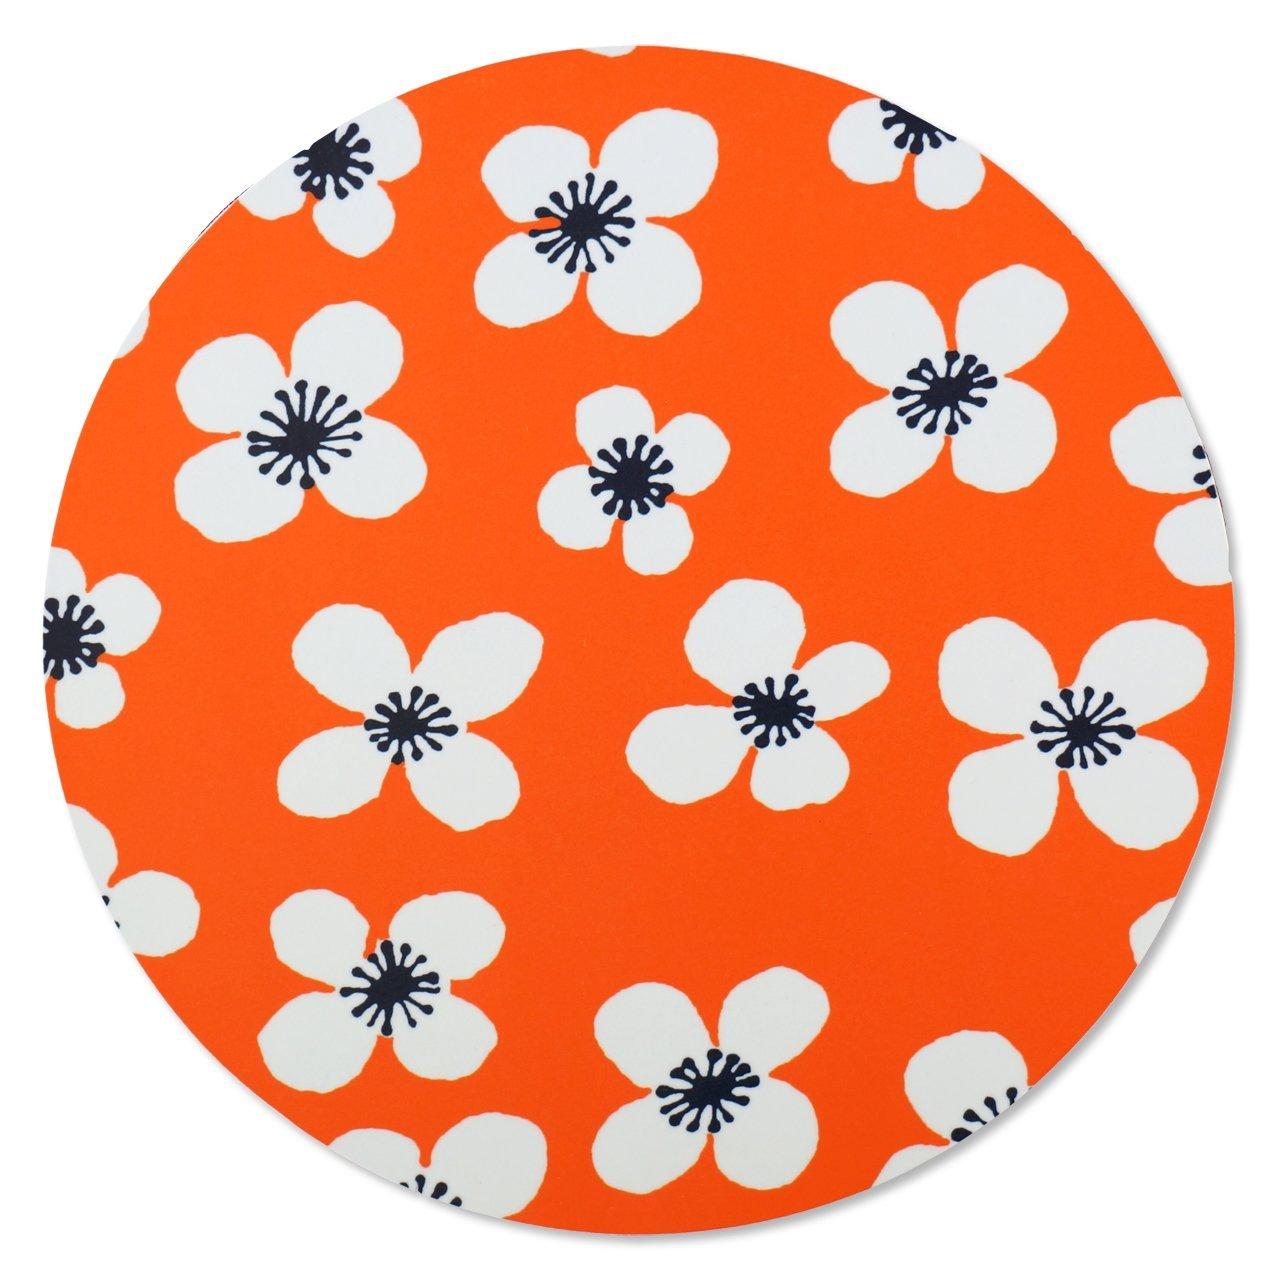 ポットスタンド Belle Amie オレンジ 直径21cm